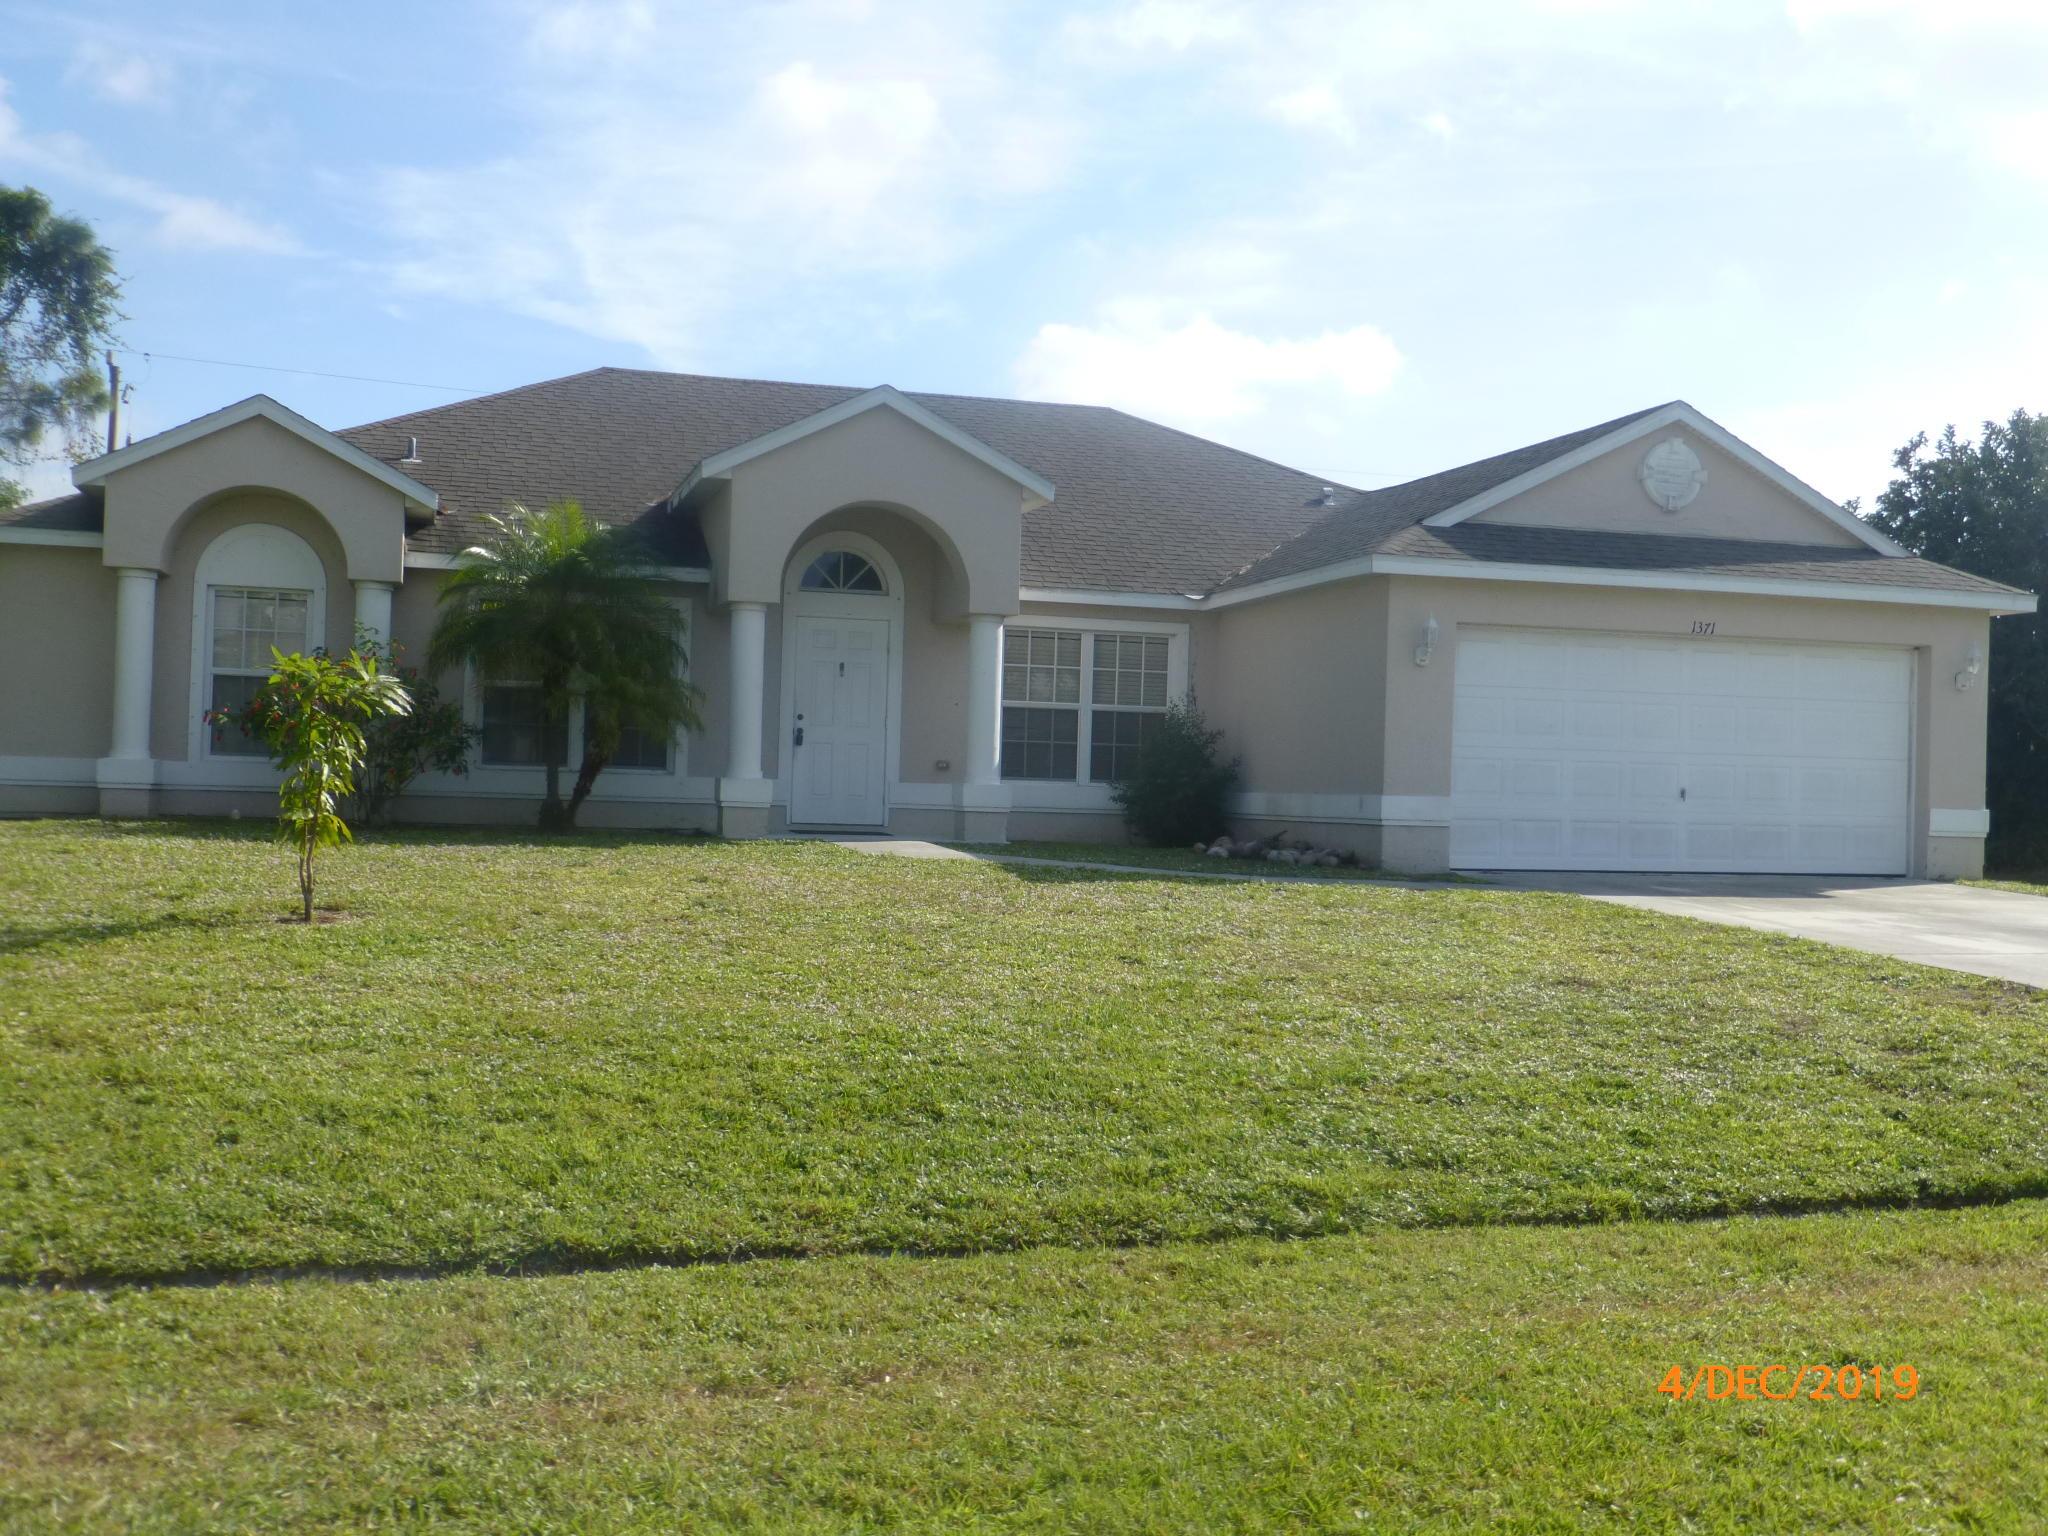 1371 SE Ladner, Port Saint Lucie, Florida 34983